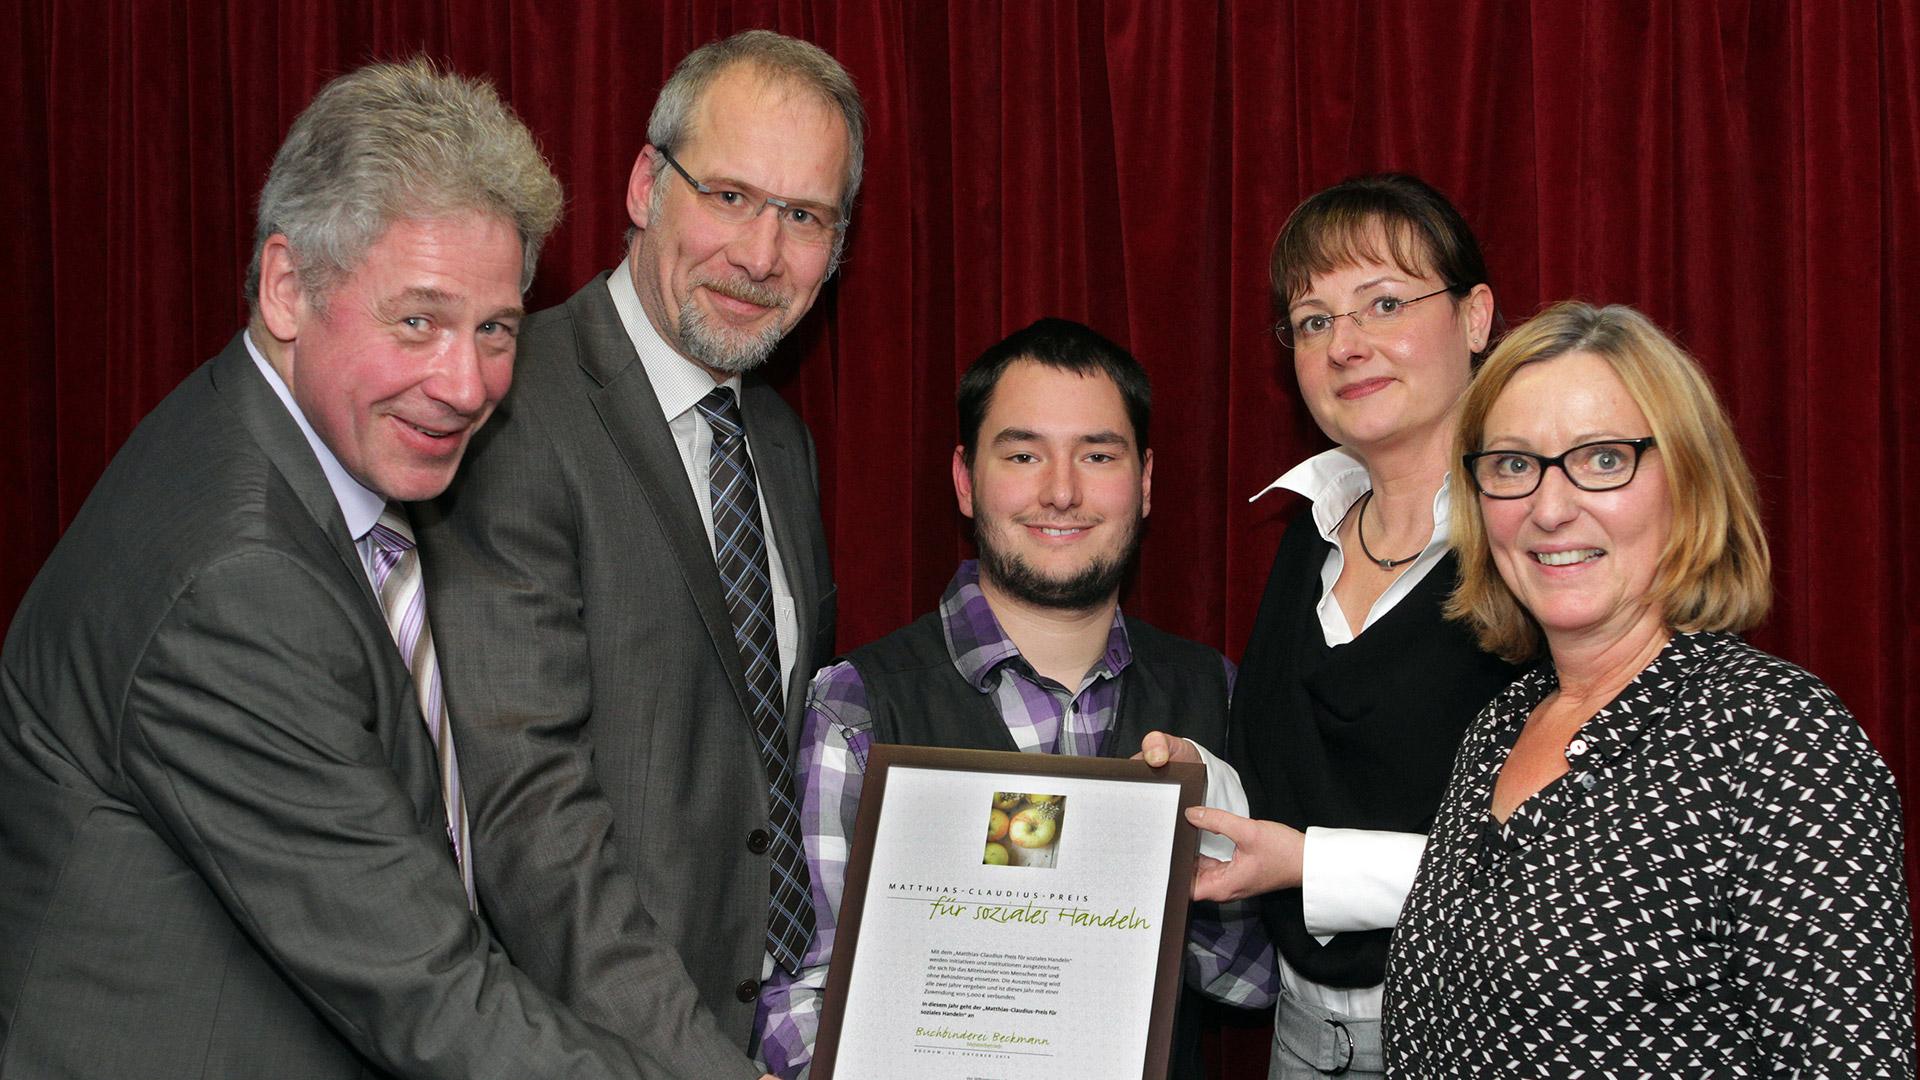 Auszeichnung mit dem Matthias-Claudius-Preis